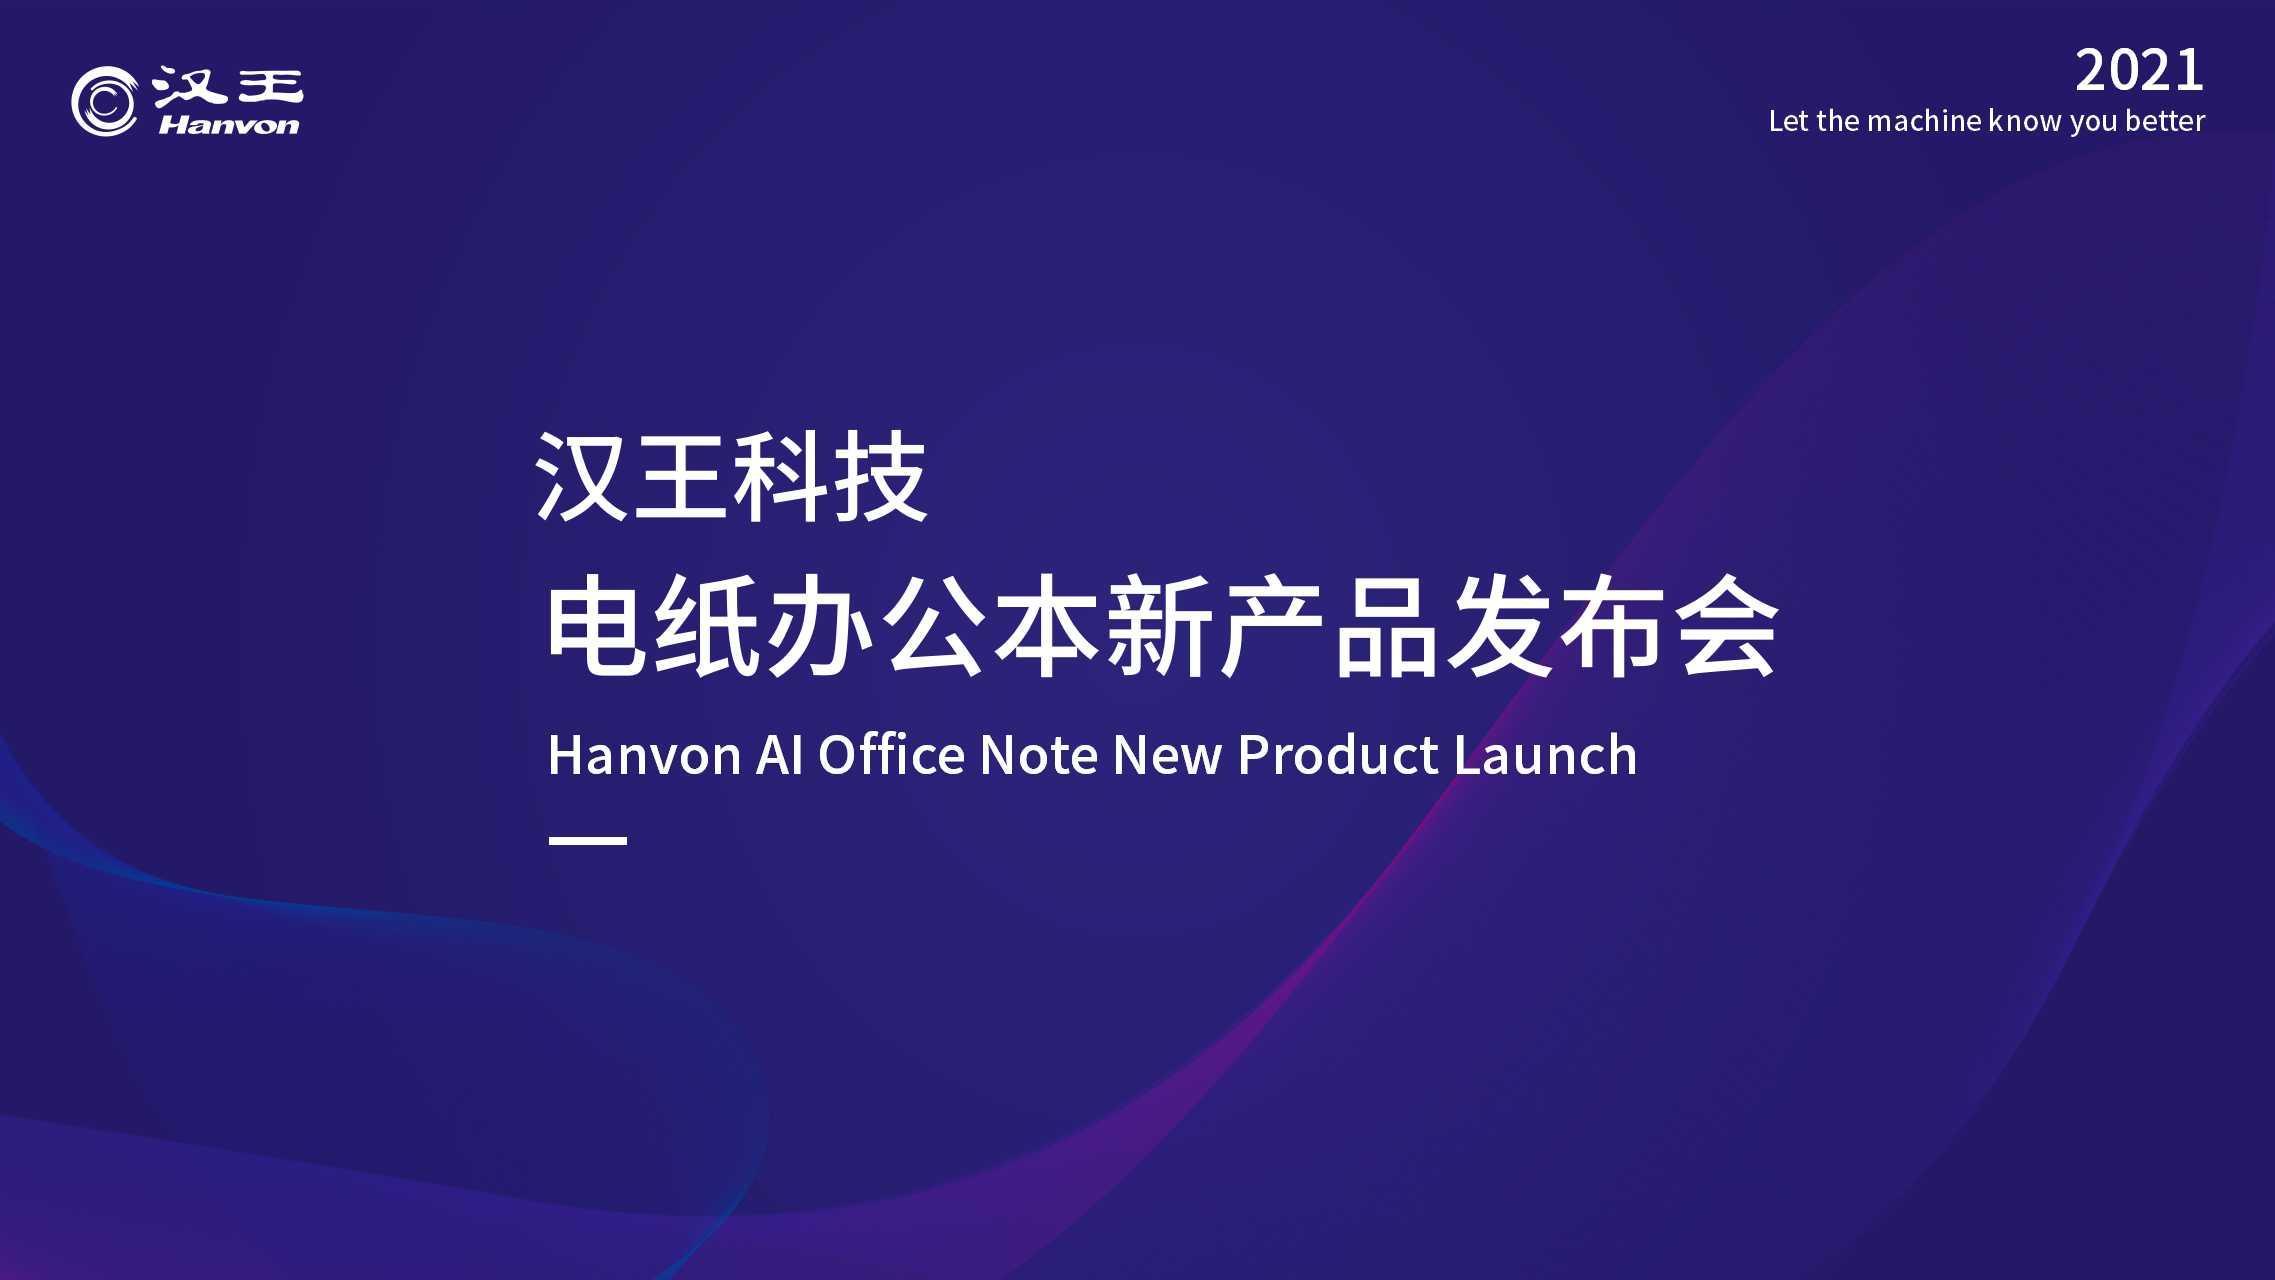 汉王科技电纸办公本新产品发布会